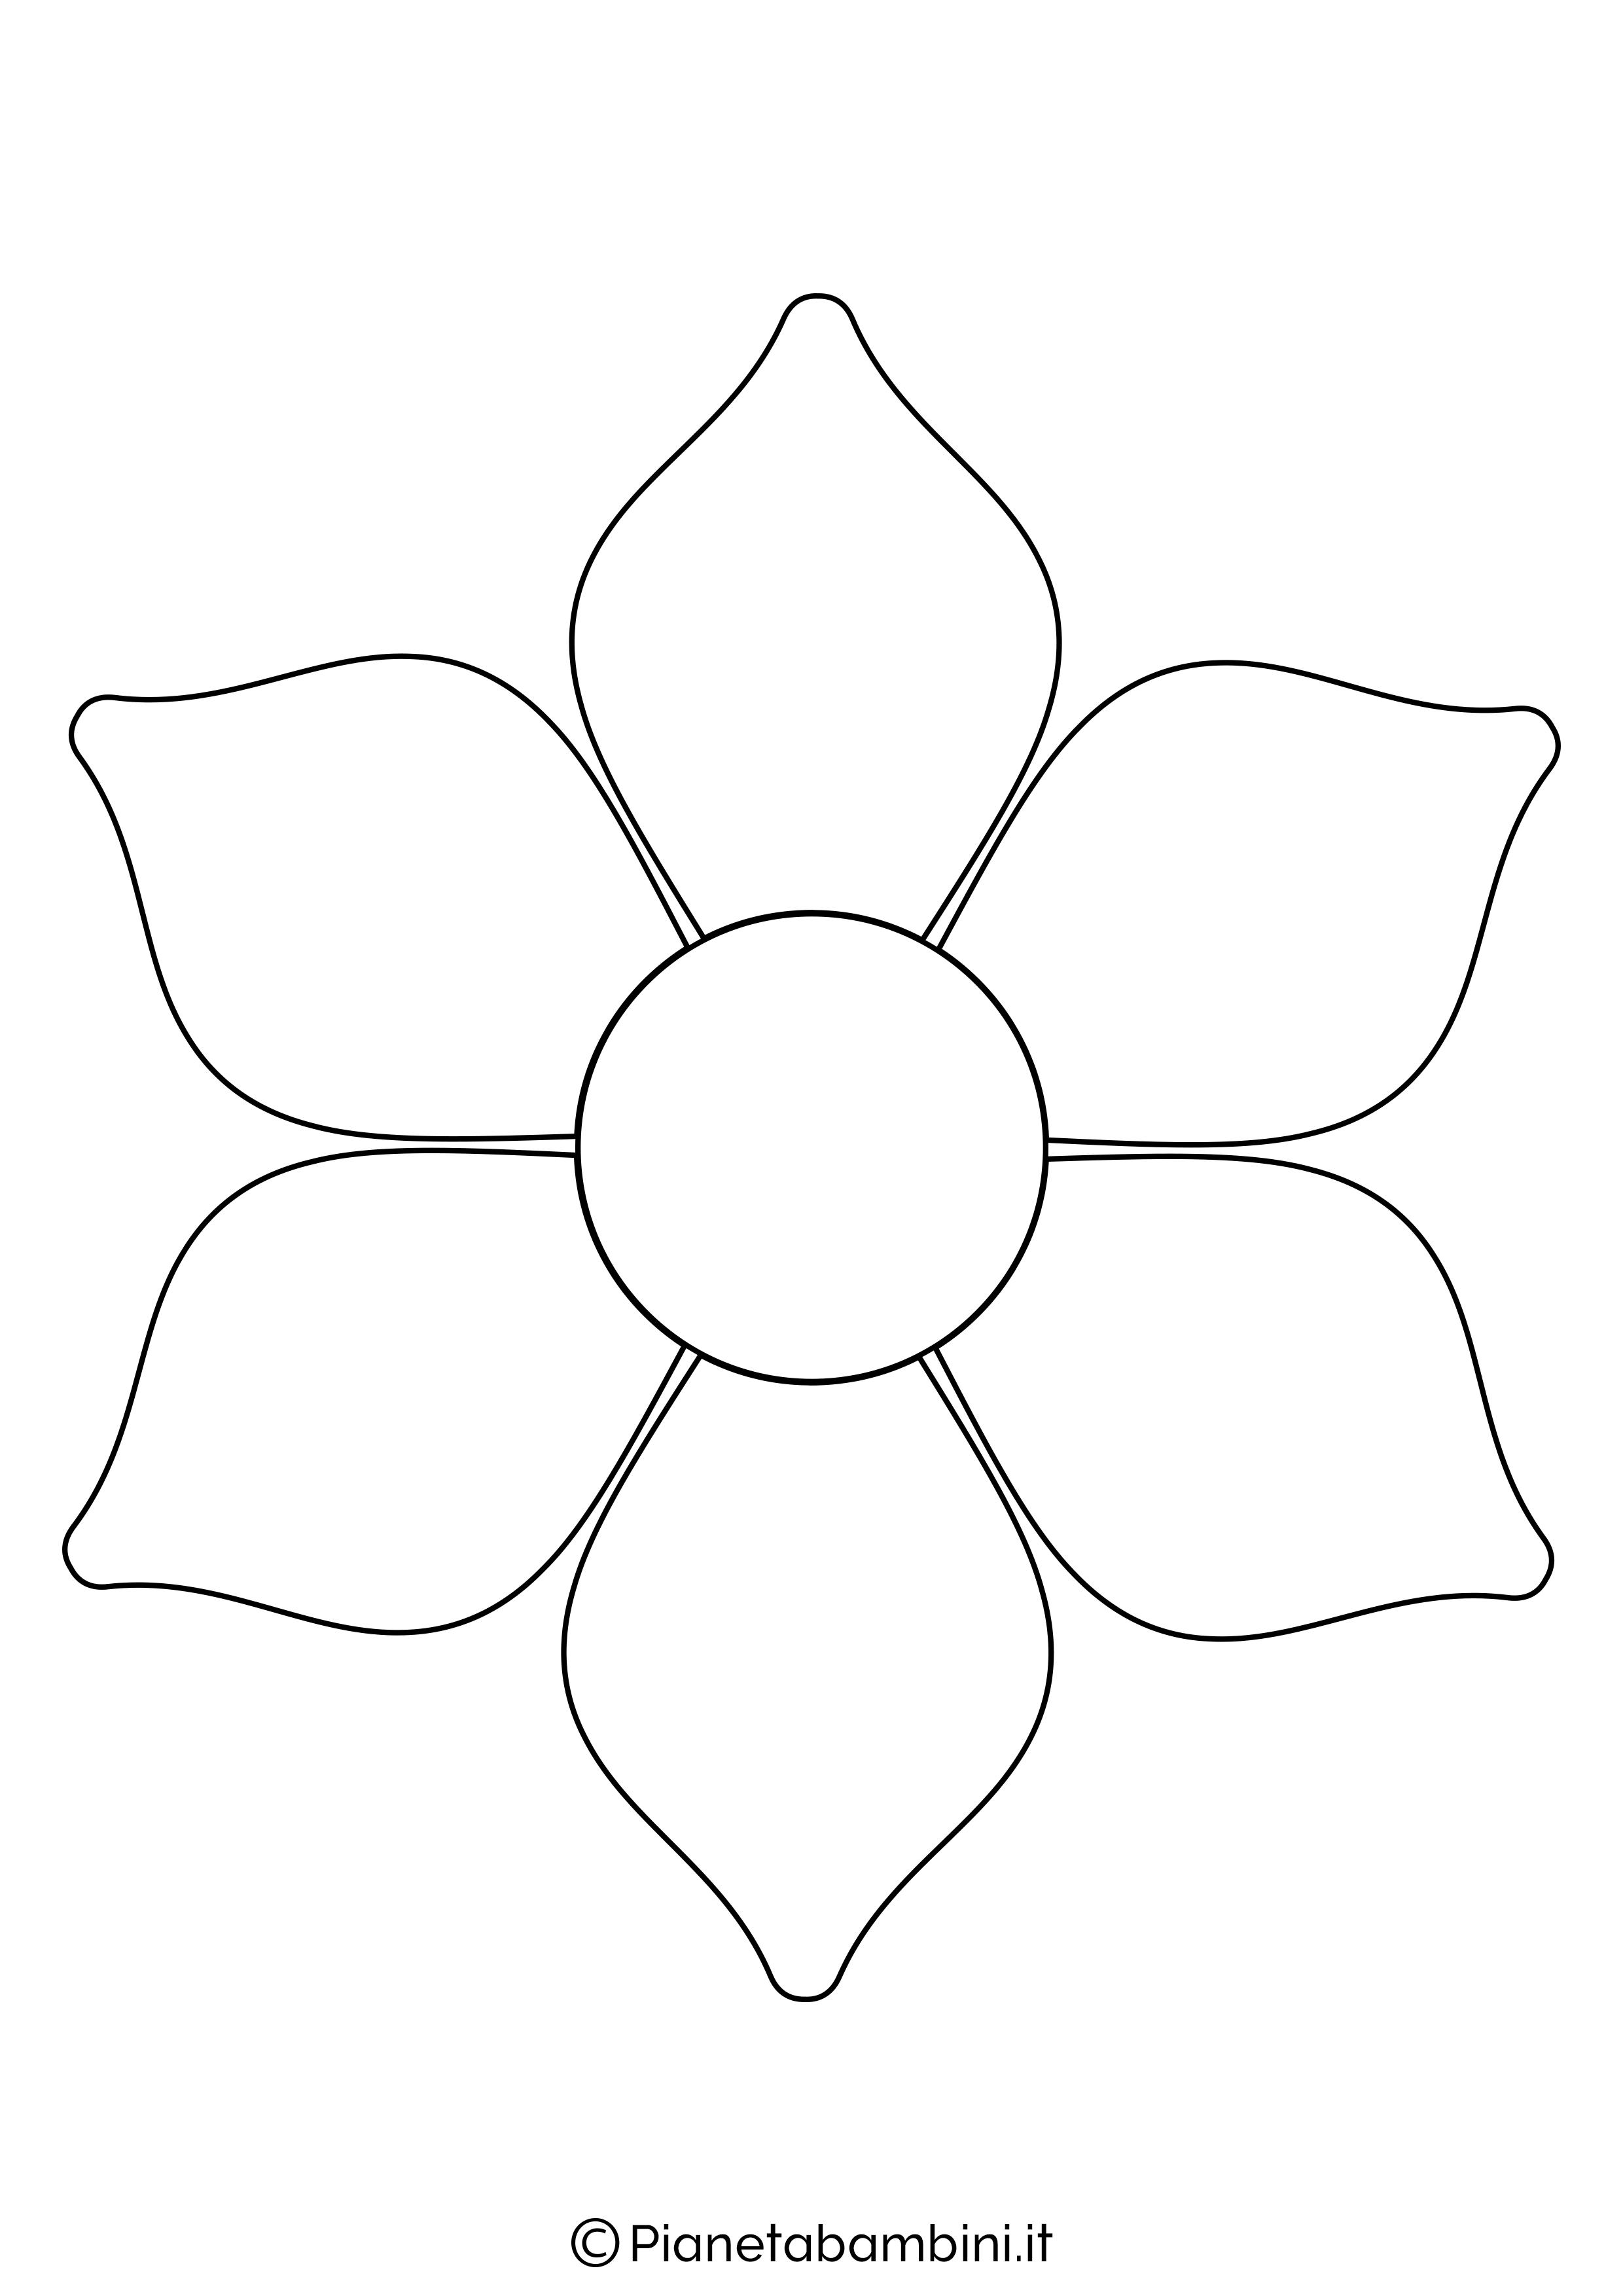 Disegni Fiori.Disegno Di Fiore Da Colorare